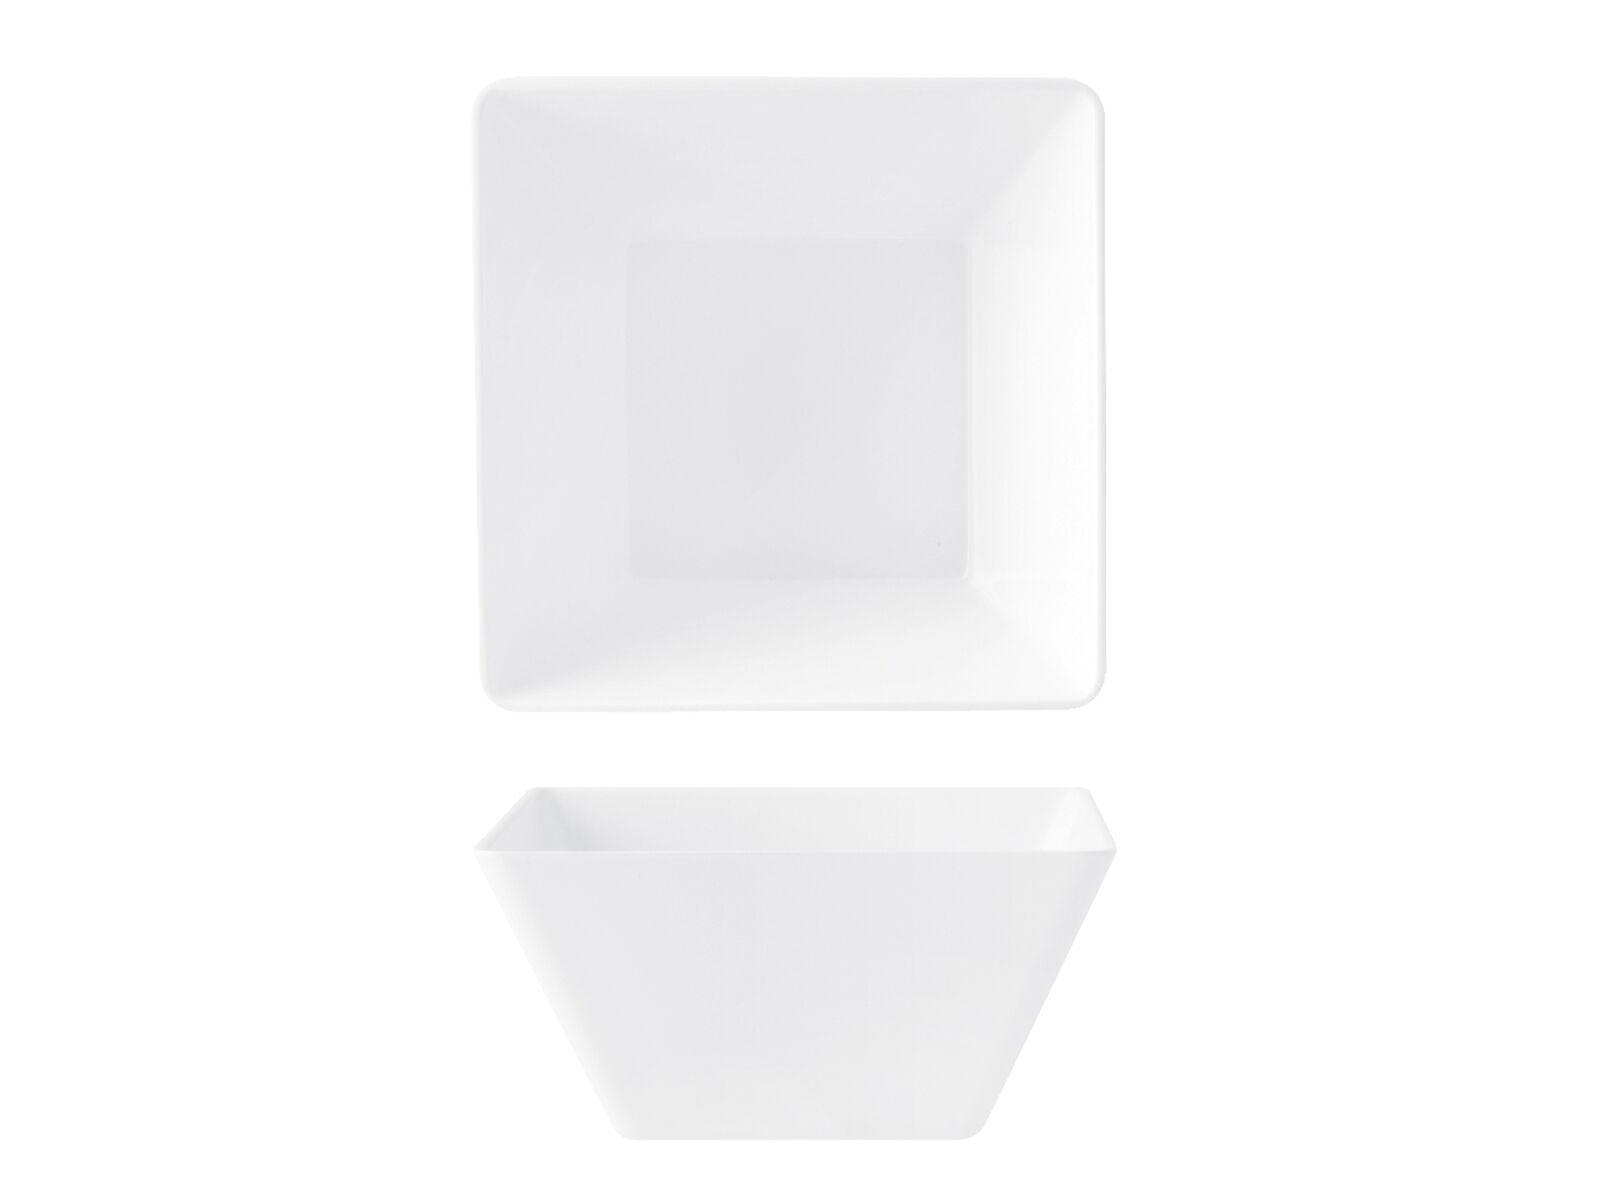 H&H Set 4 Insalatiere Melamina Quadrate Alta Cm 21 articolo per la cucina